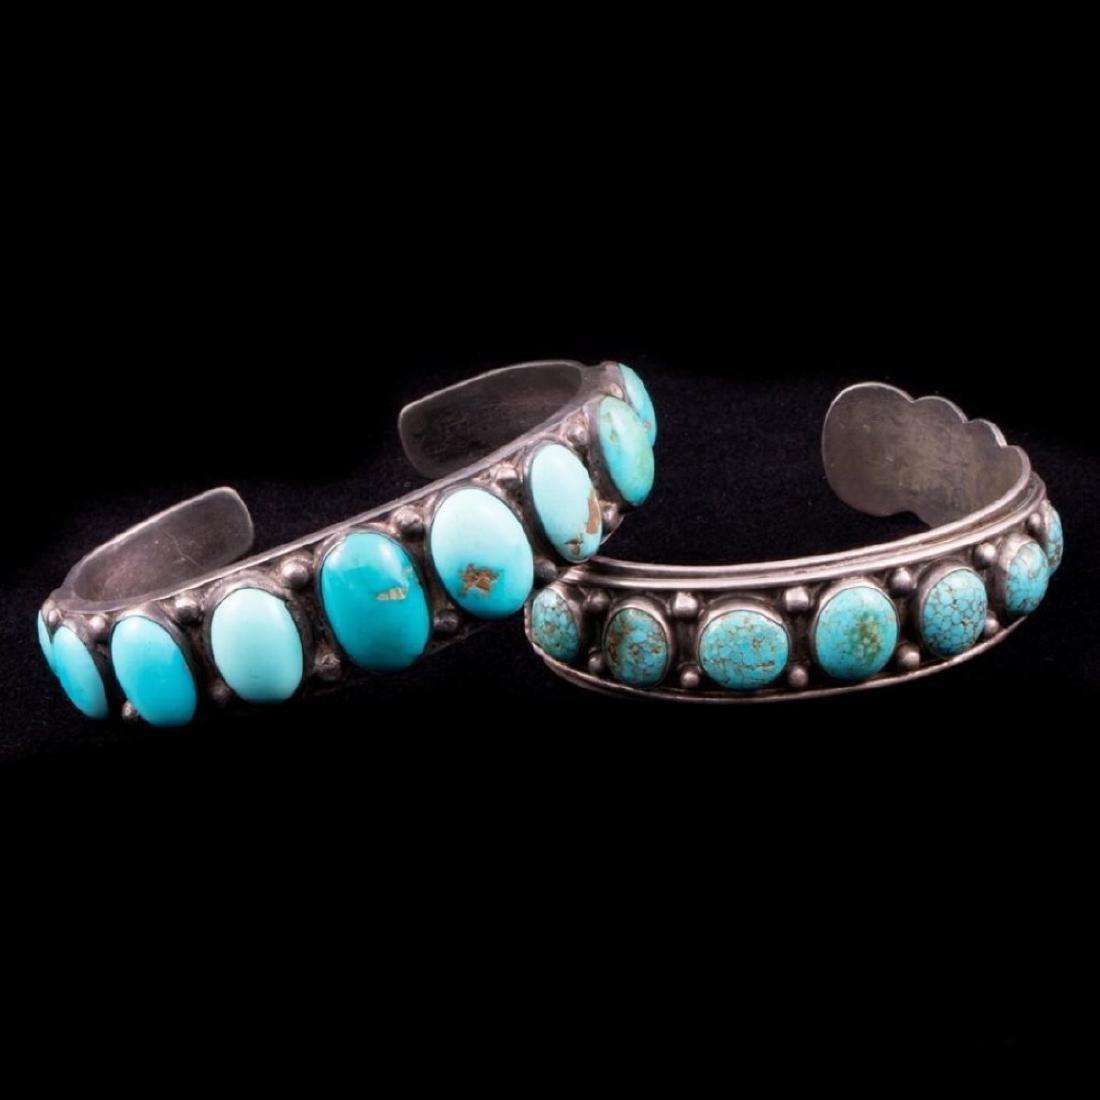 Navajo Cuff Bracelets